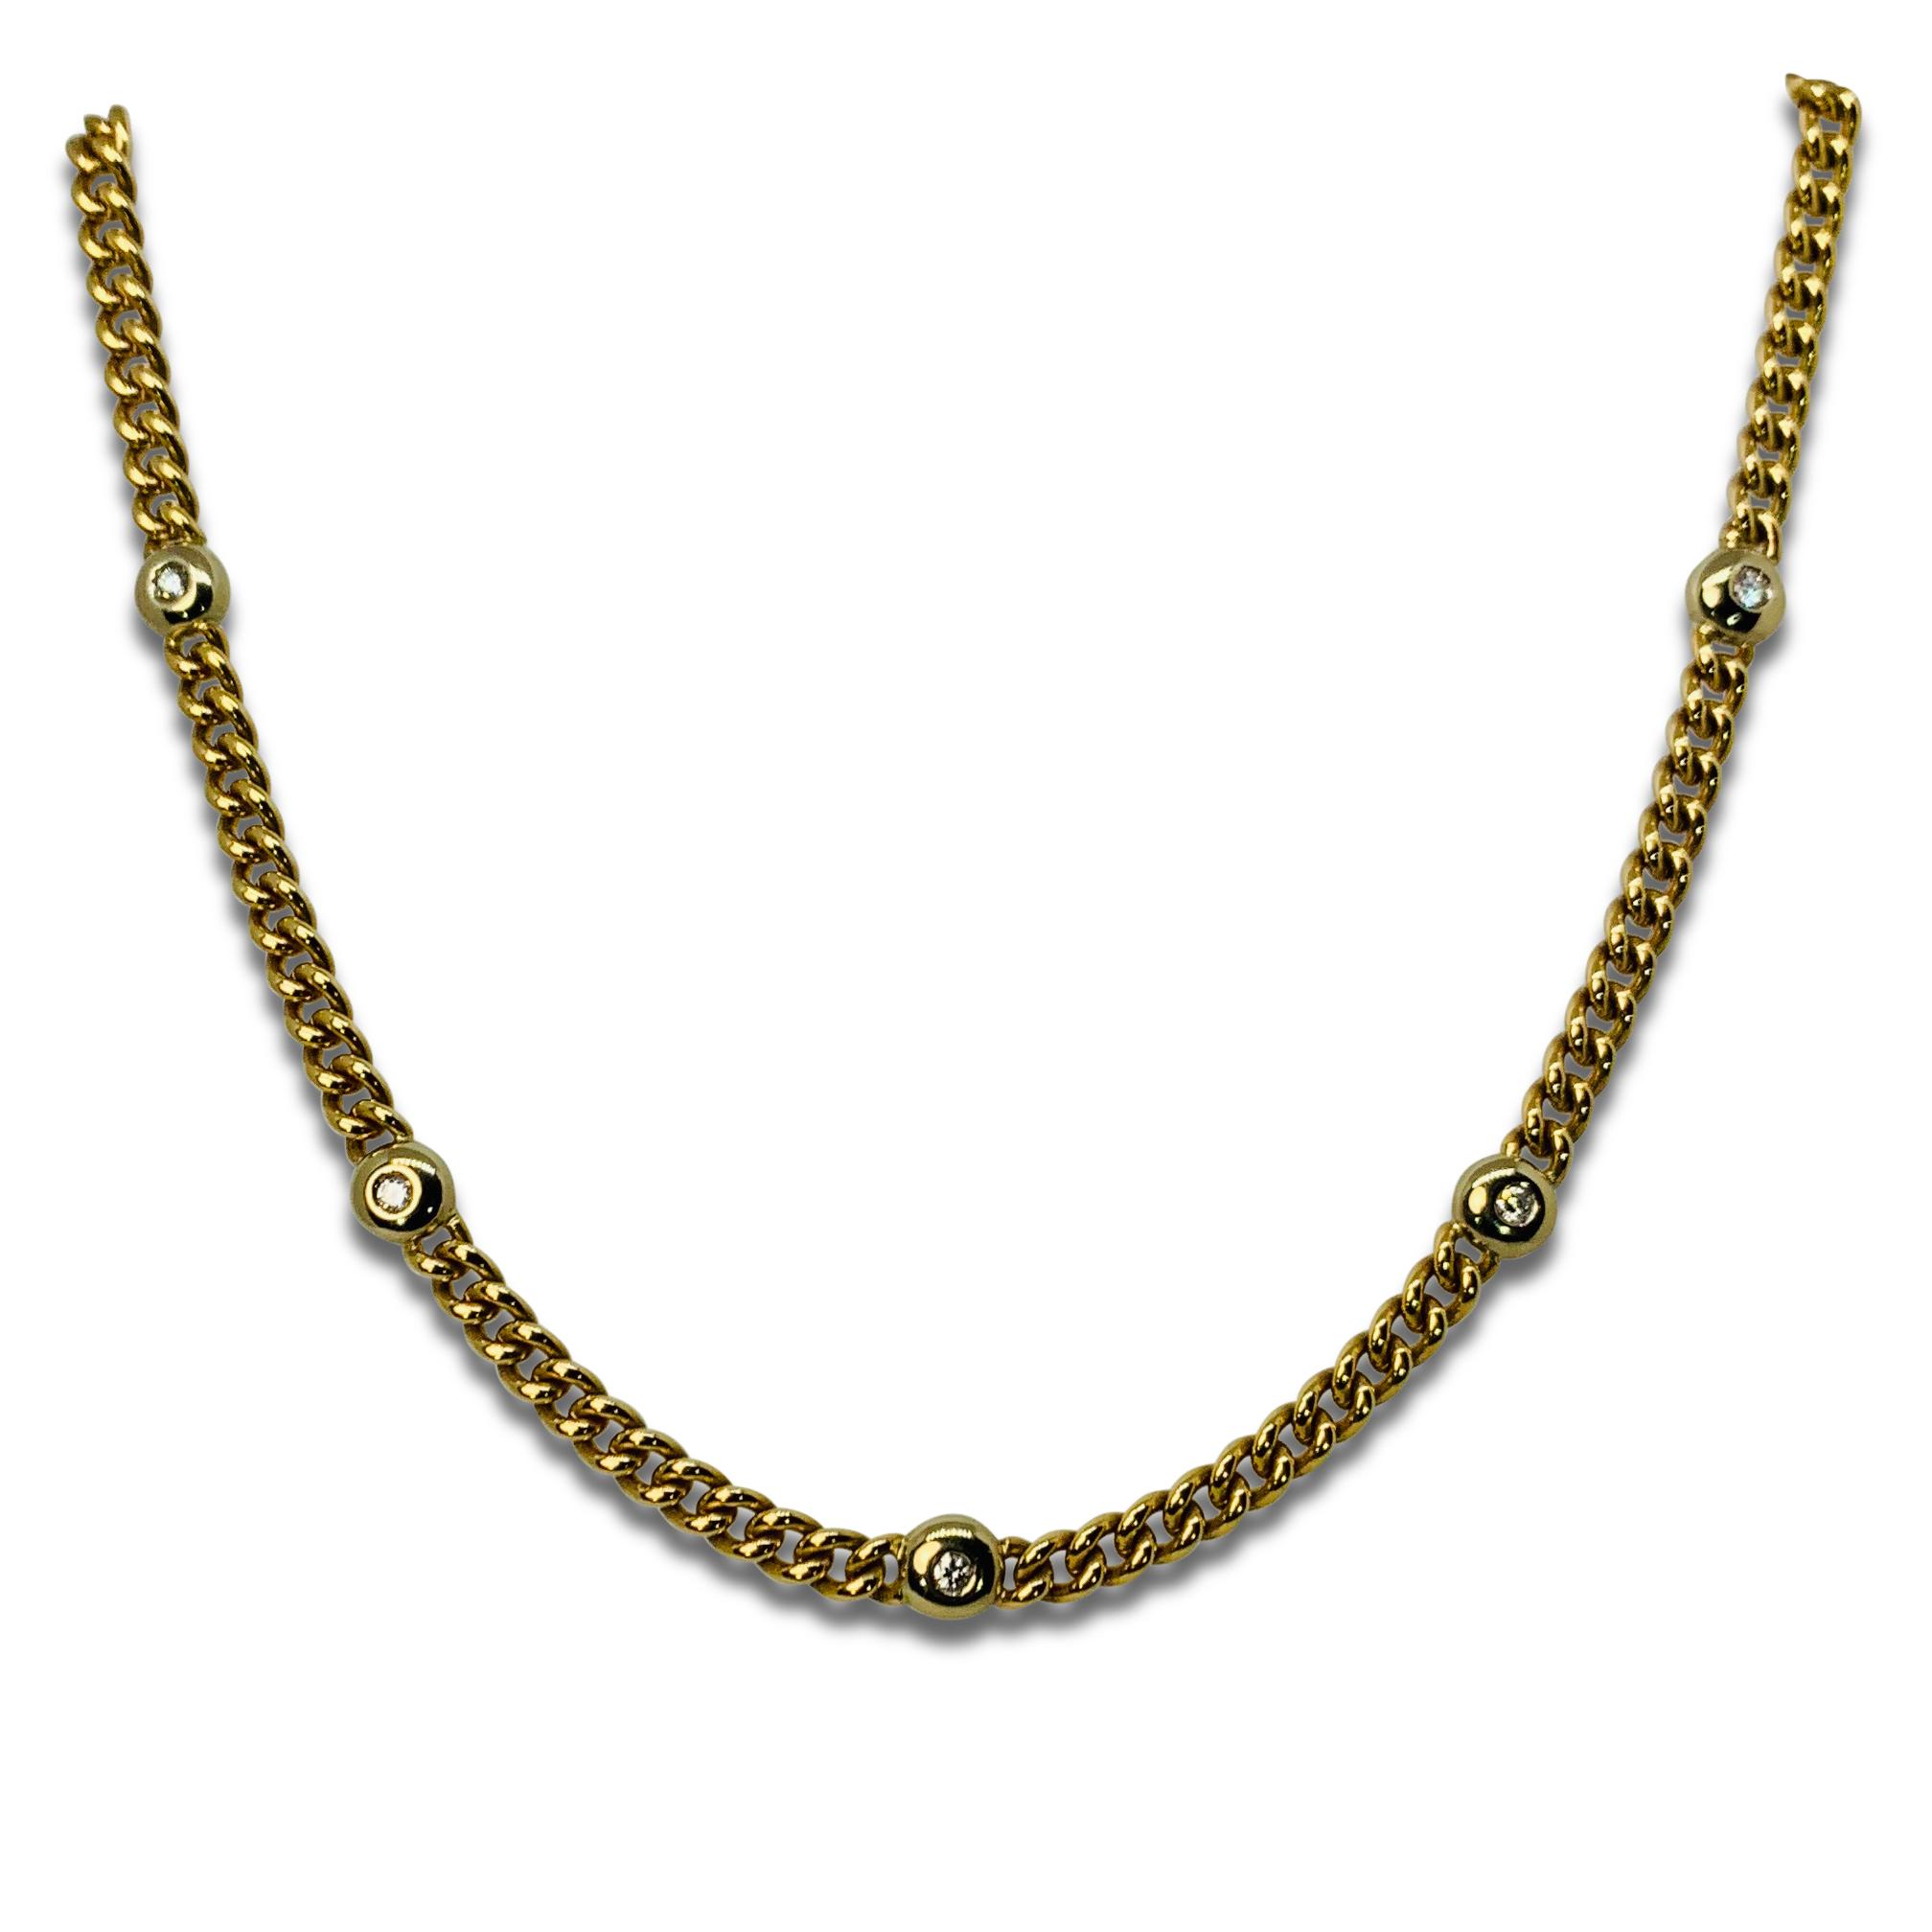 Collier Guld Diamanter